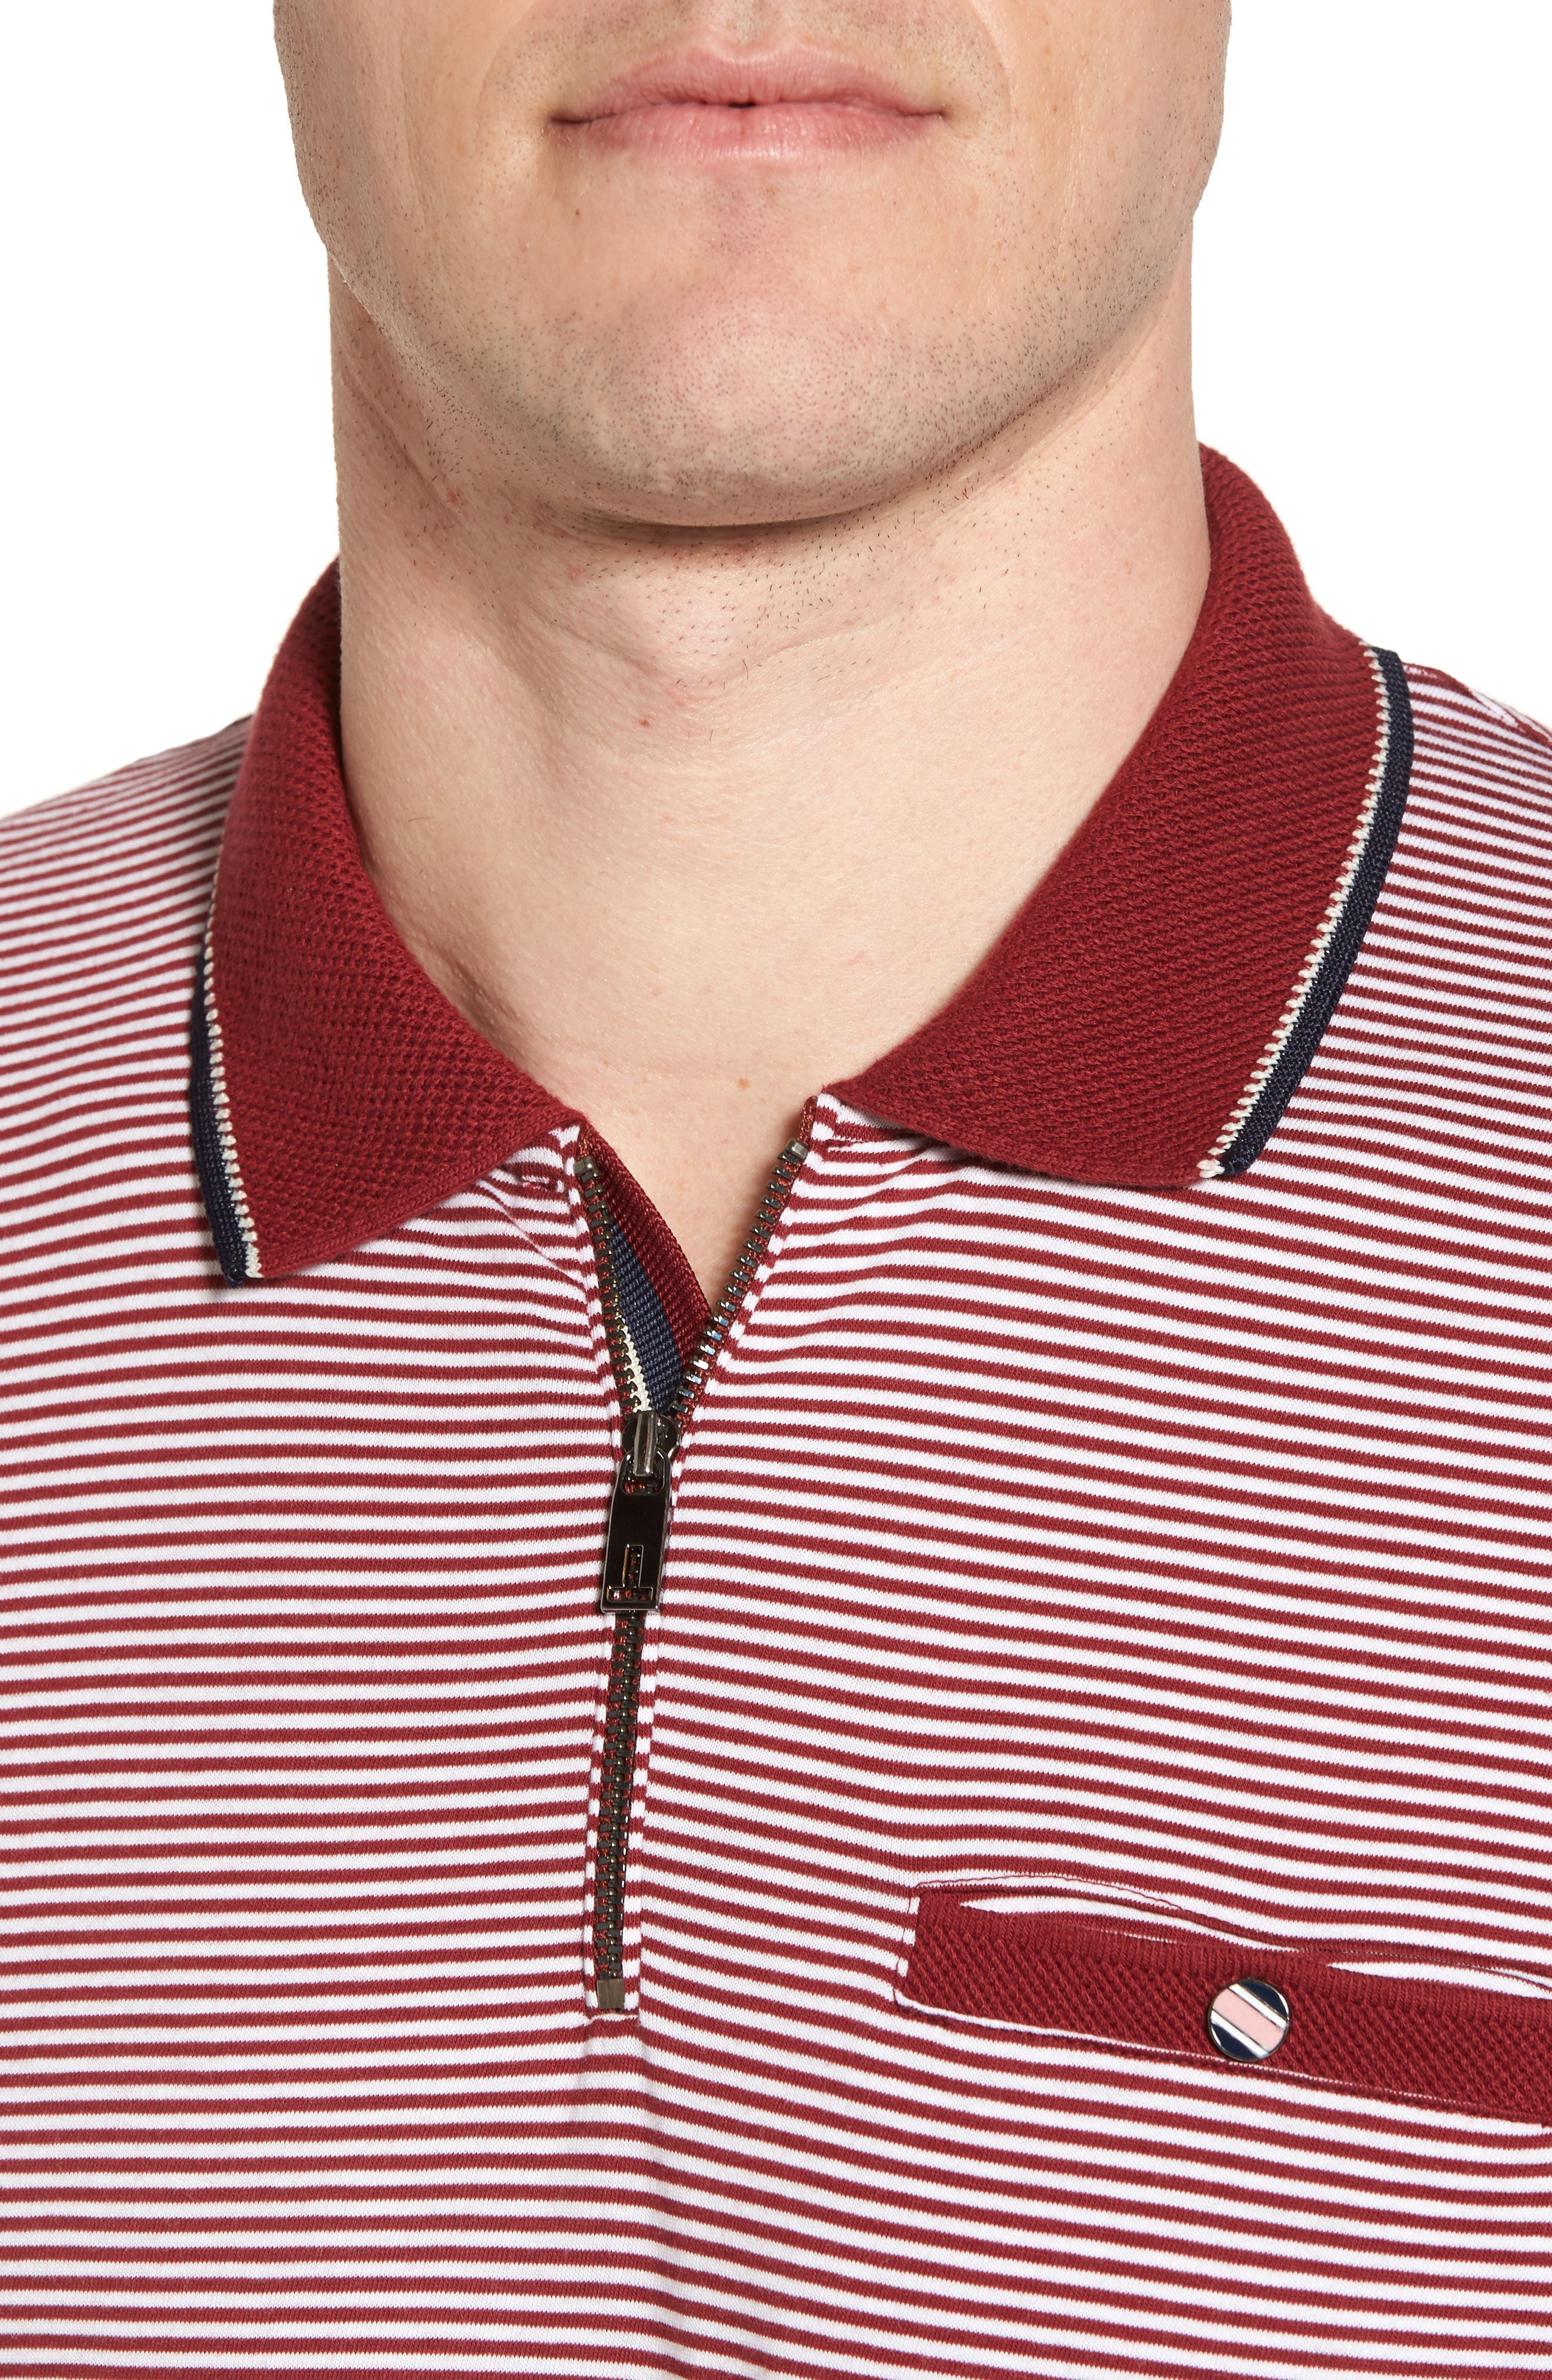 Whiptt Trim Fit Zip Polo,                             Alternate thumbnail 4, color,                             Dark Red